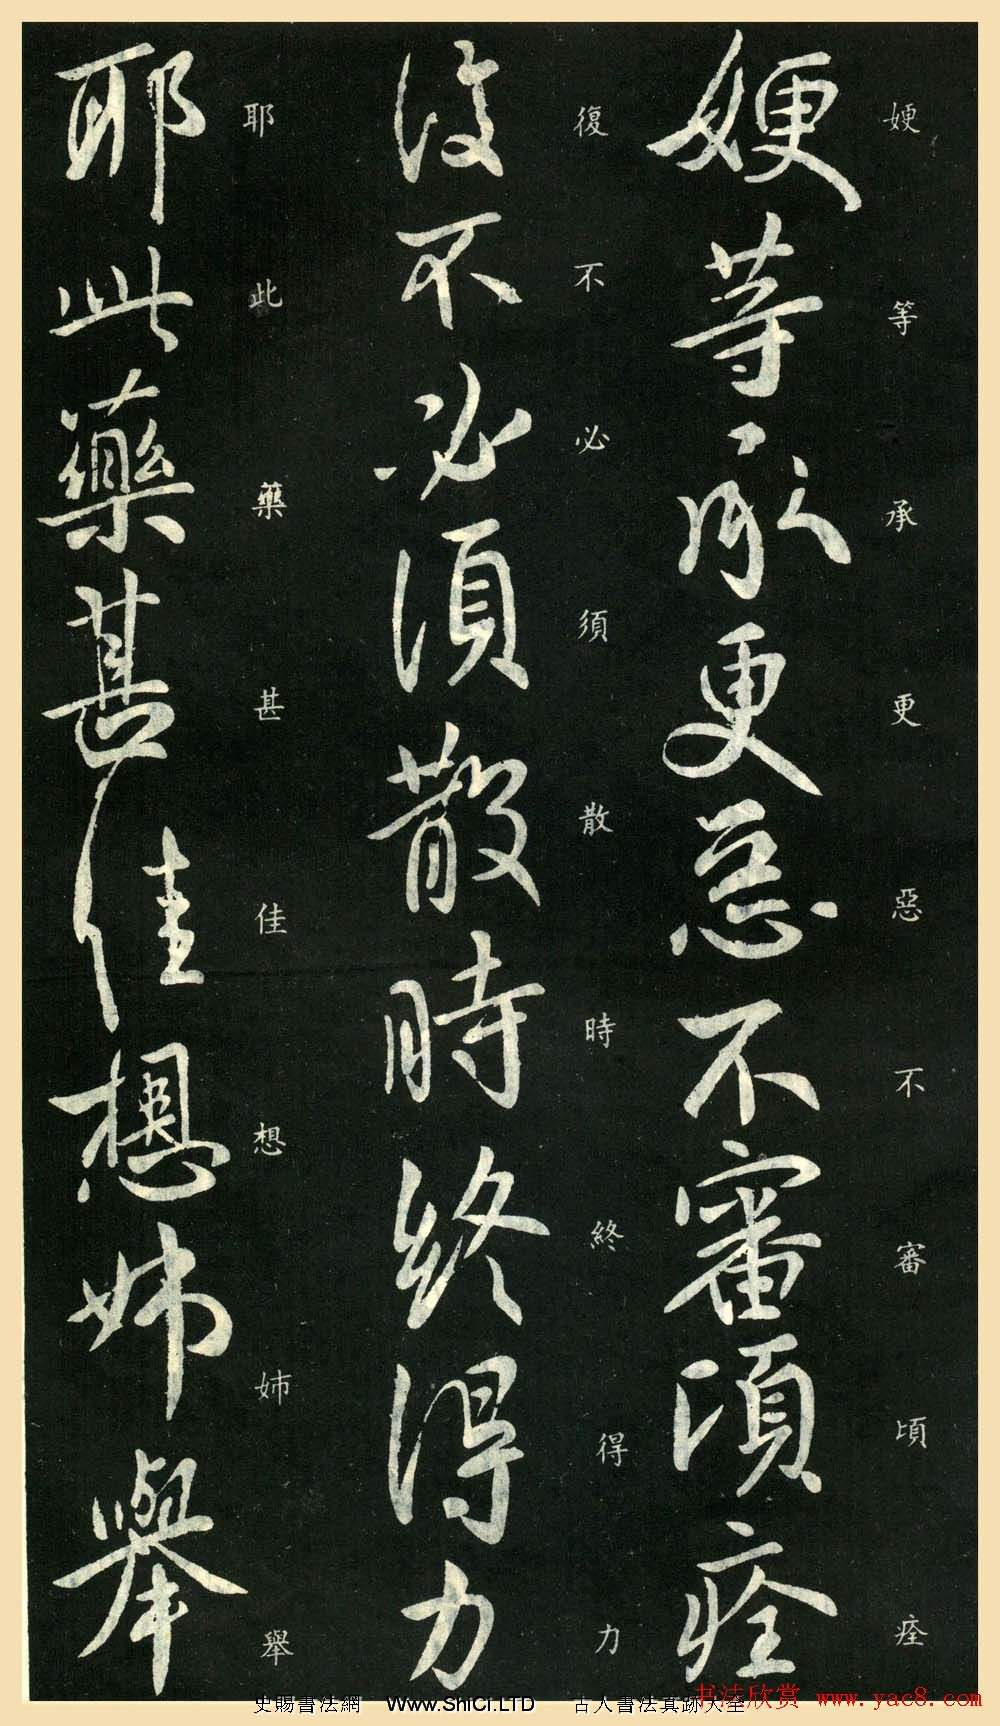 東晉大書家王獻之行書真跡欣賞《更等帖》(共4張圖片)